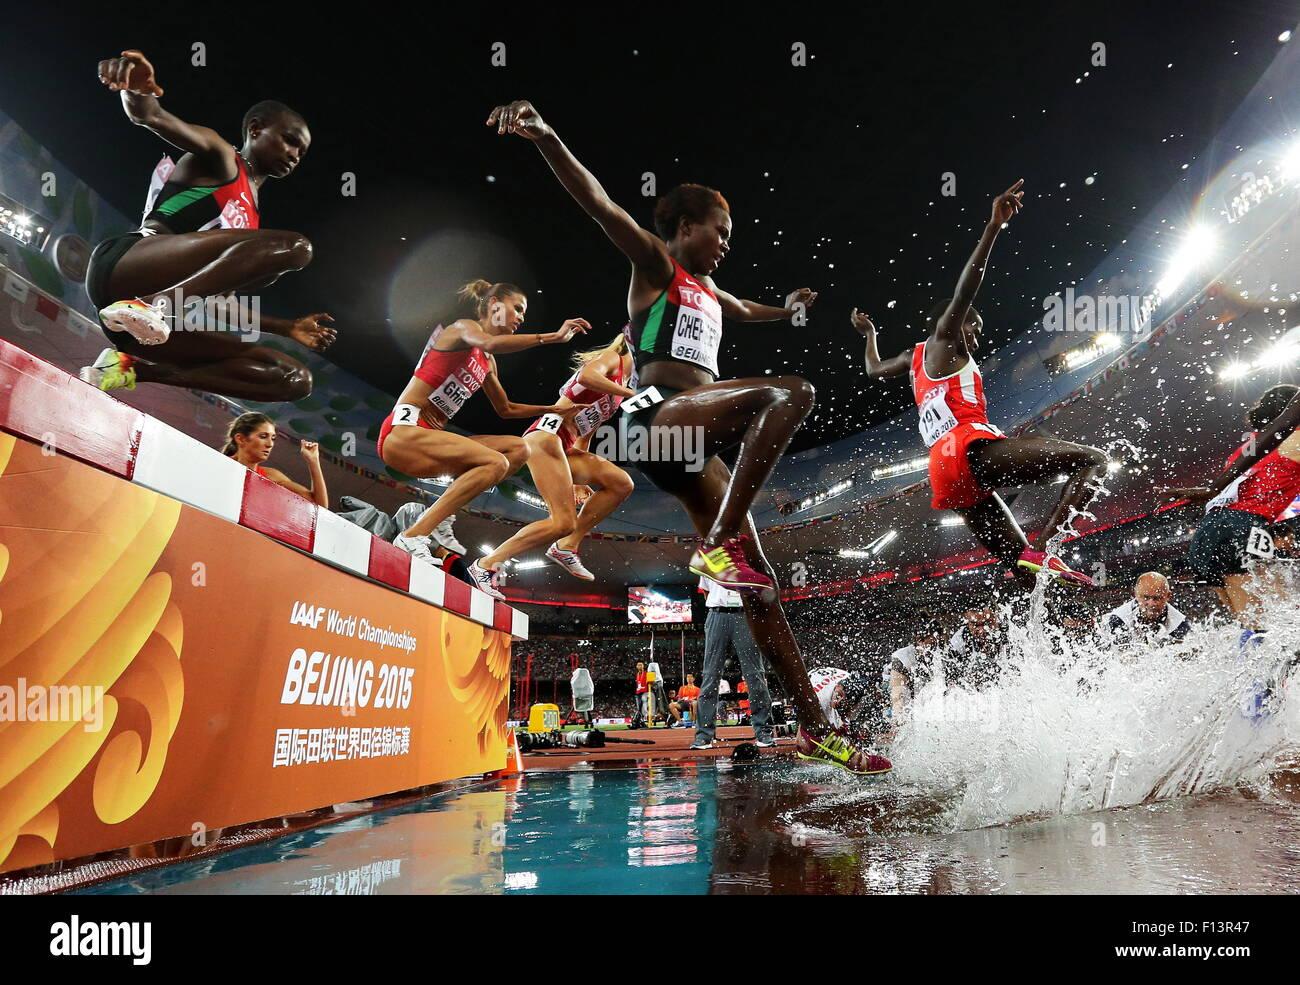 Beijing, China. 26 Aug, 2015. Atletas compiten en el Women's 3000m de carreras de obstáculos en el día Imagen De Stock